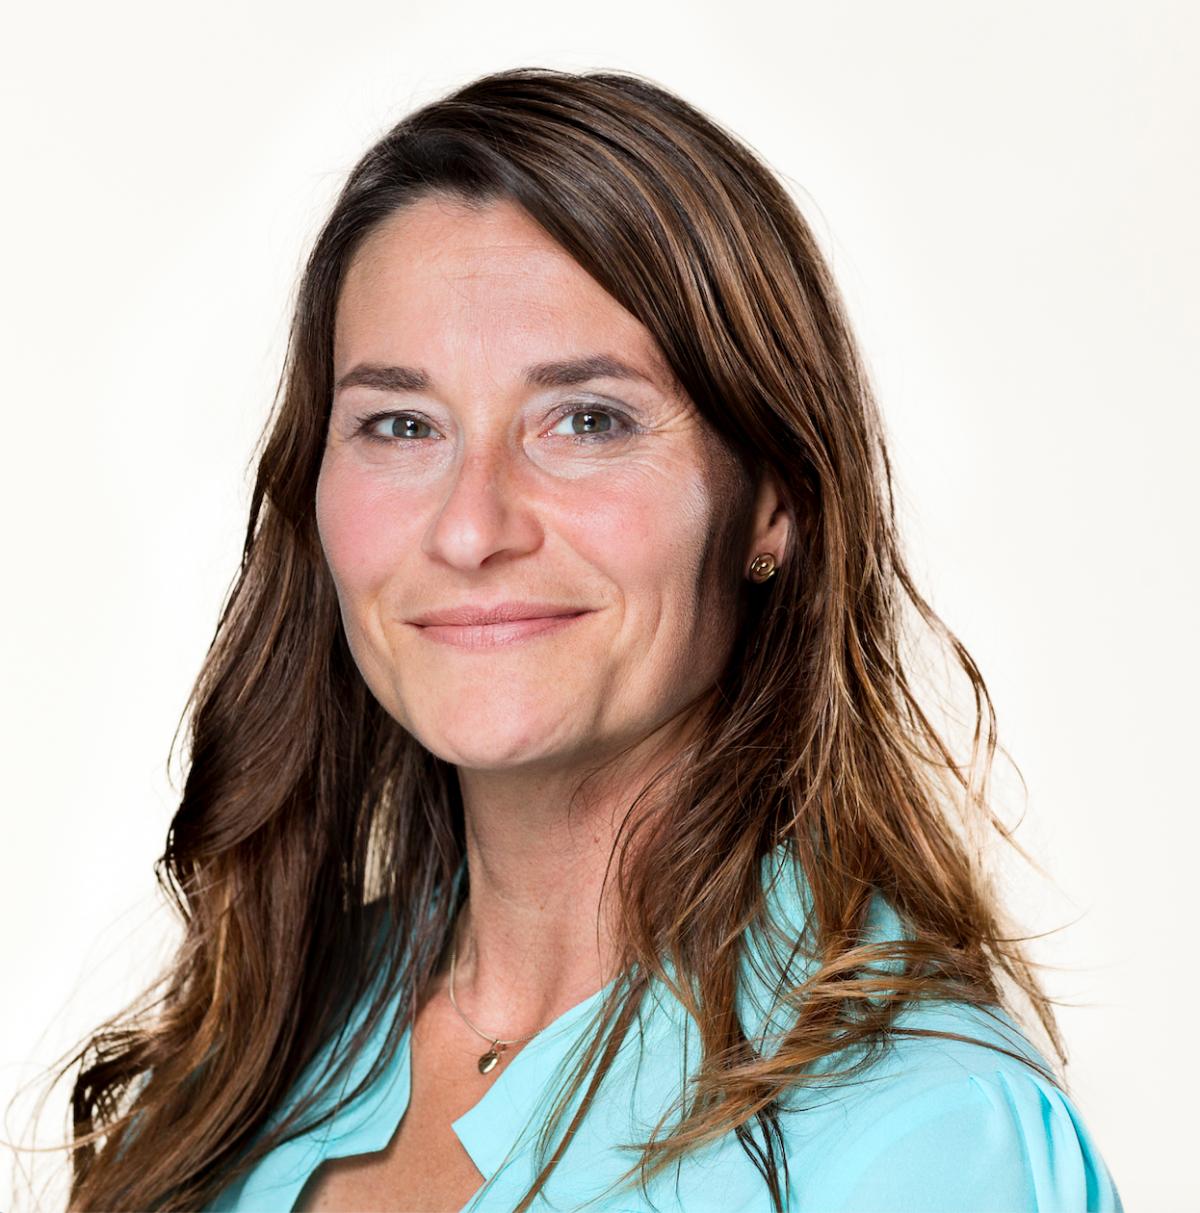 DAGENS POLITIKER: Børneordfører Carolina Magdalene Maier (Å)